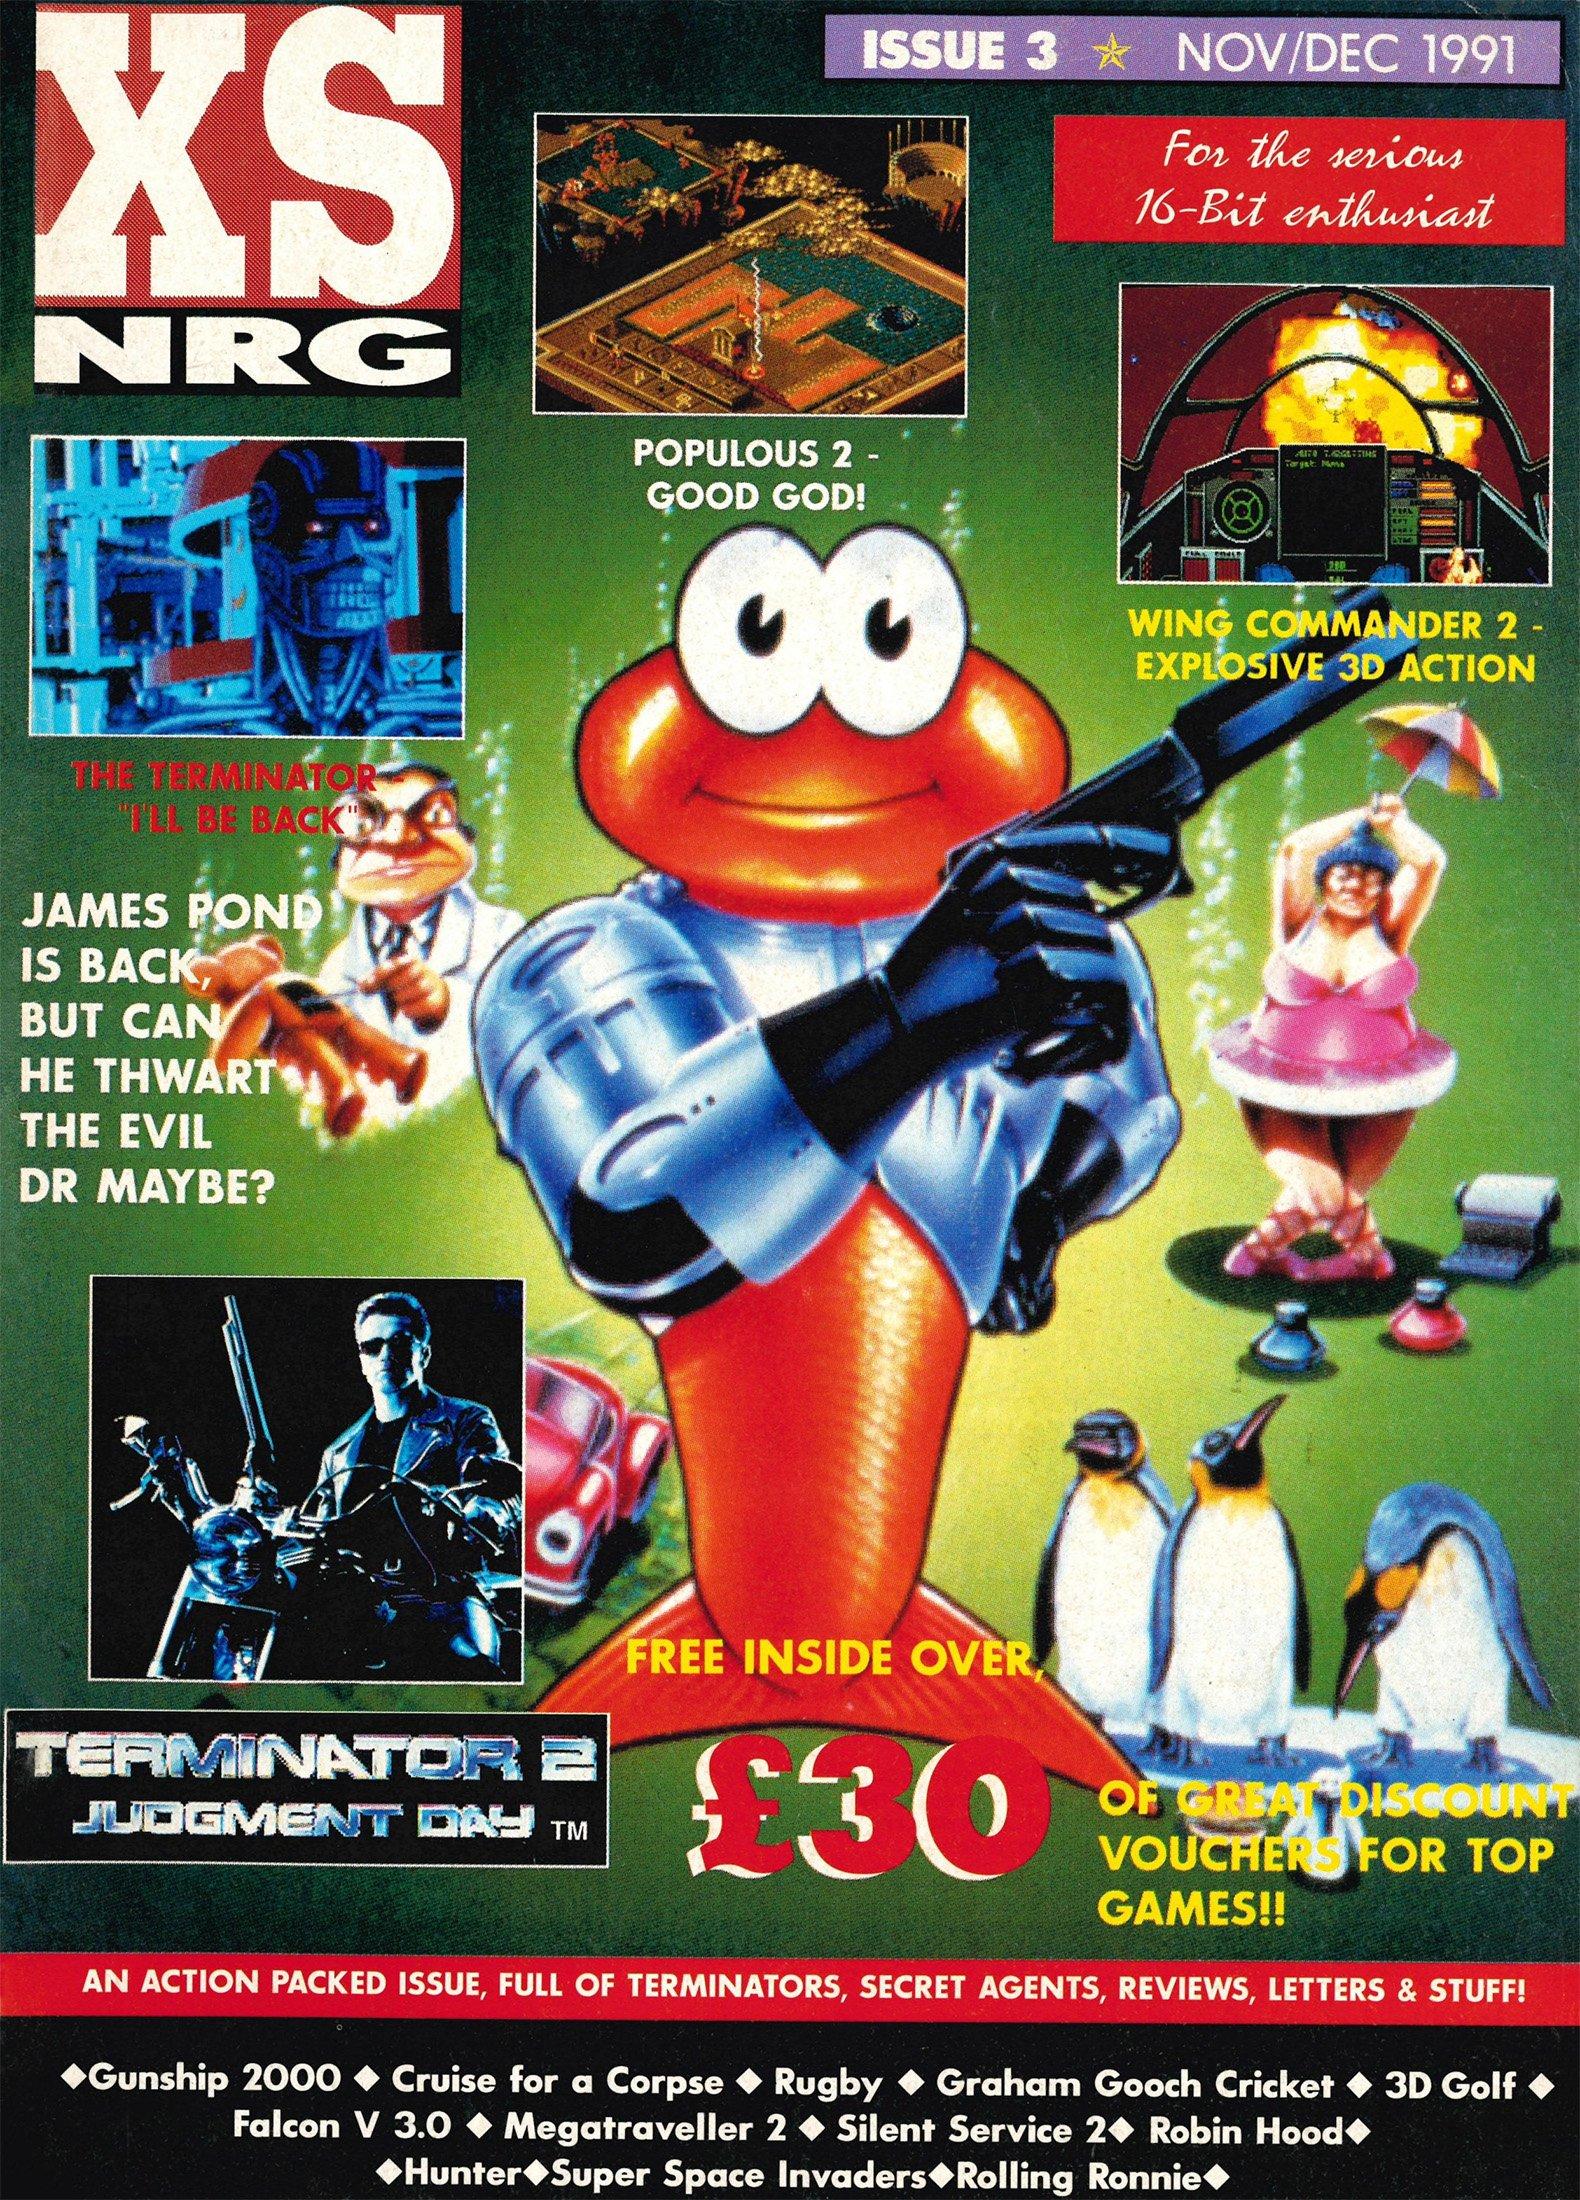 XS NRG Issue 03 (November/December 1991)